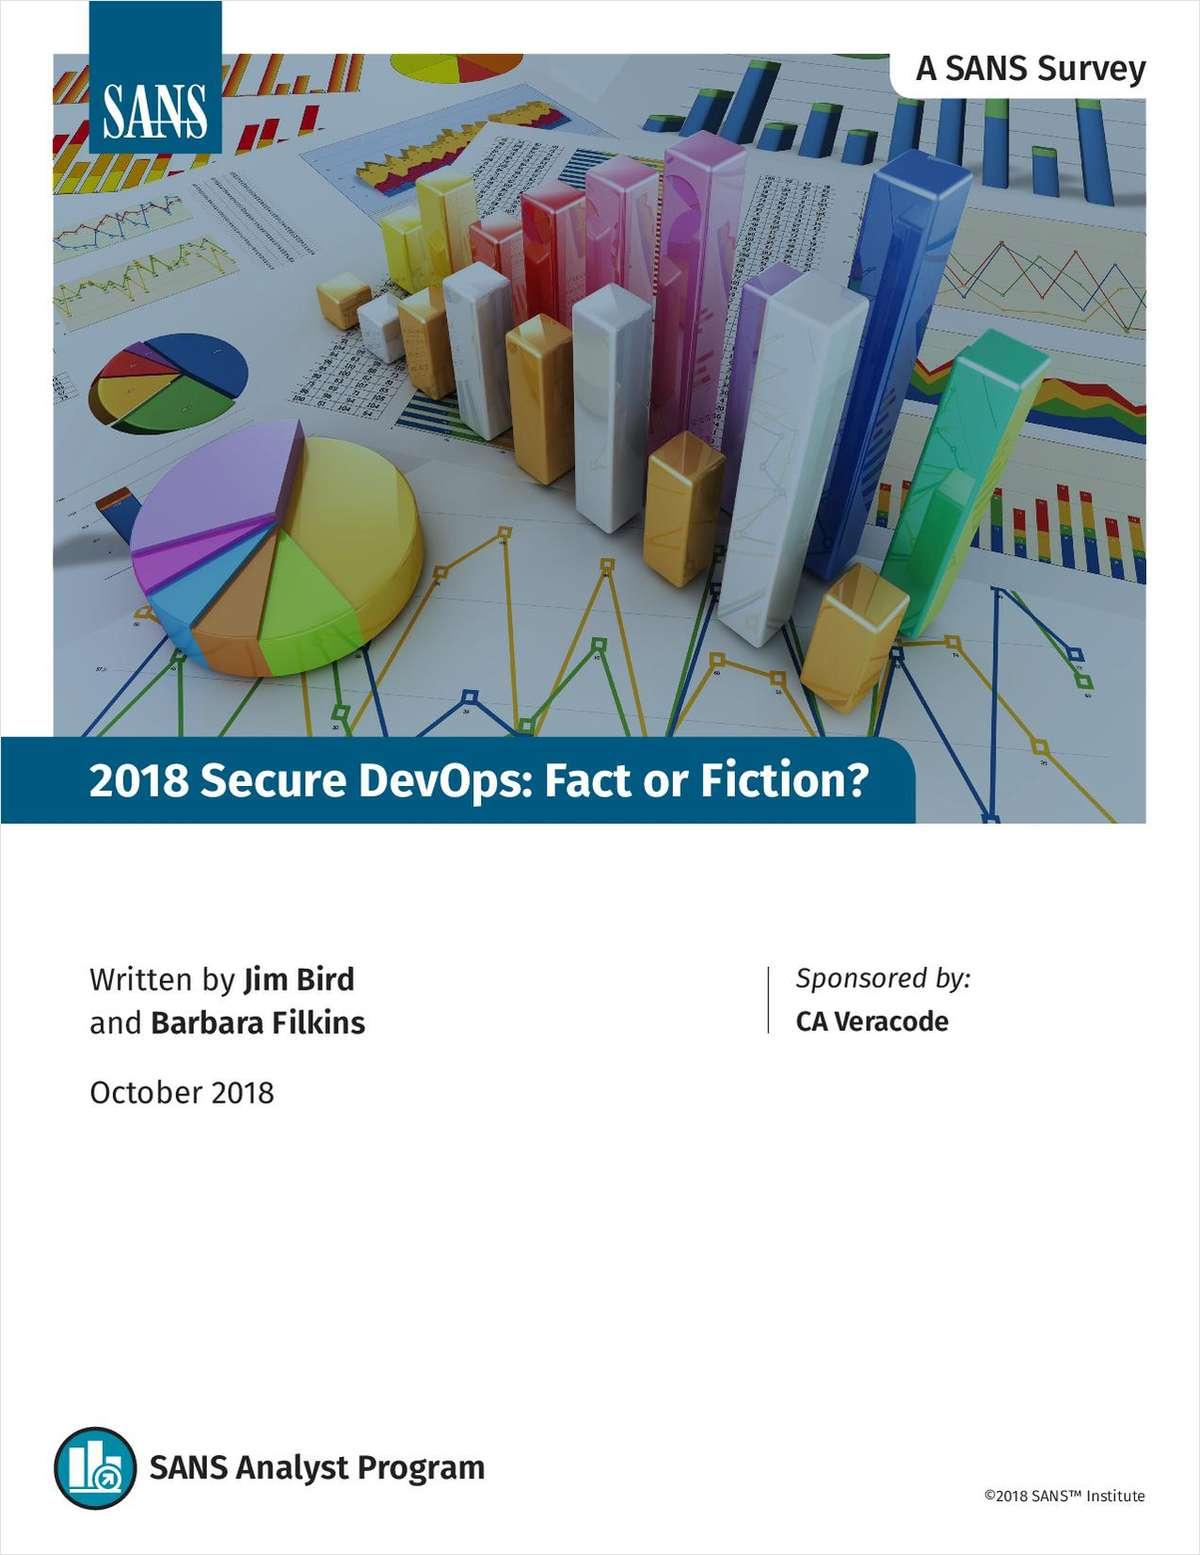 2018 Secure DevOps: Fact or Fiction?